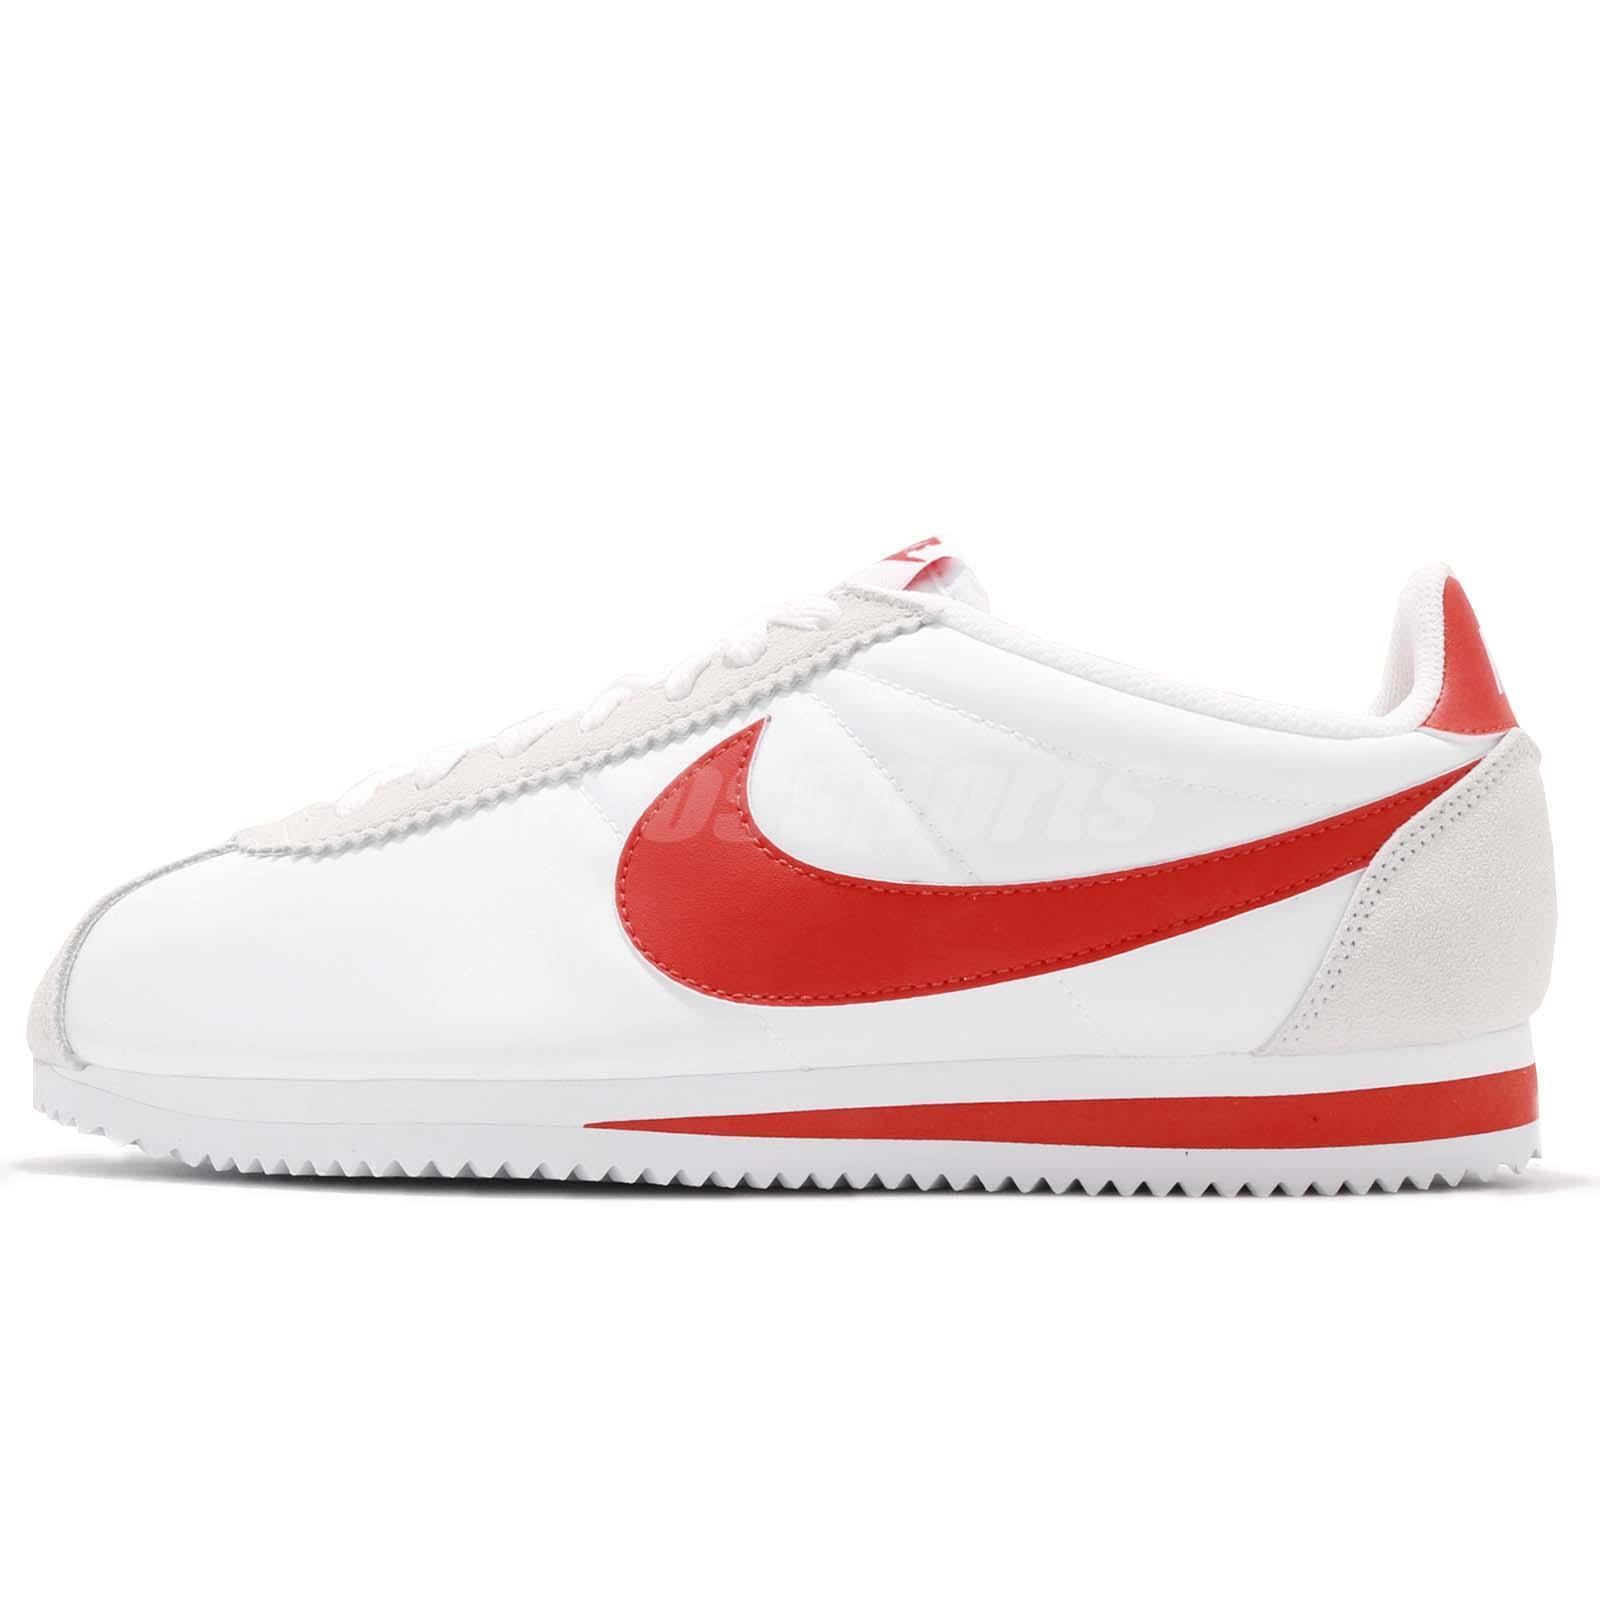 867b86206 Nike Classic Cortez Nylon White Habanero Red Men Running Shoe Sneaker  807472-101